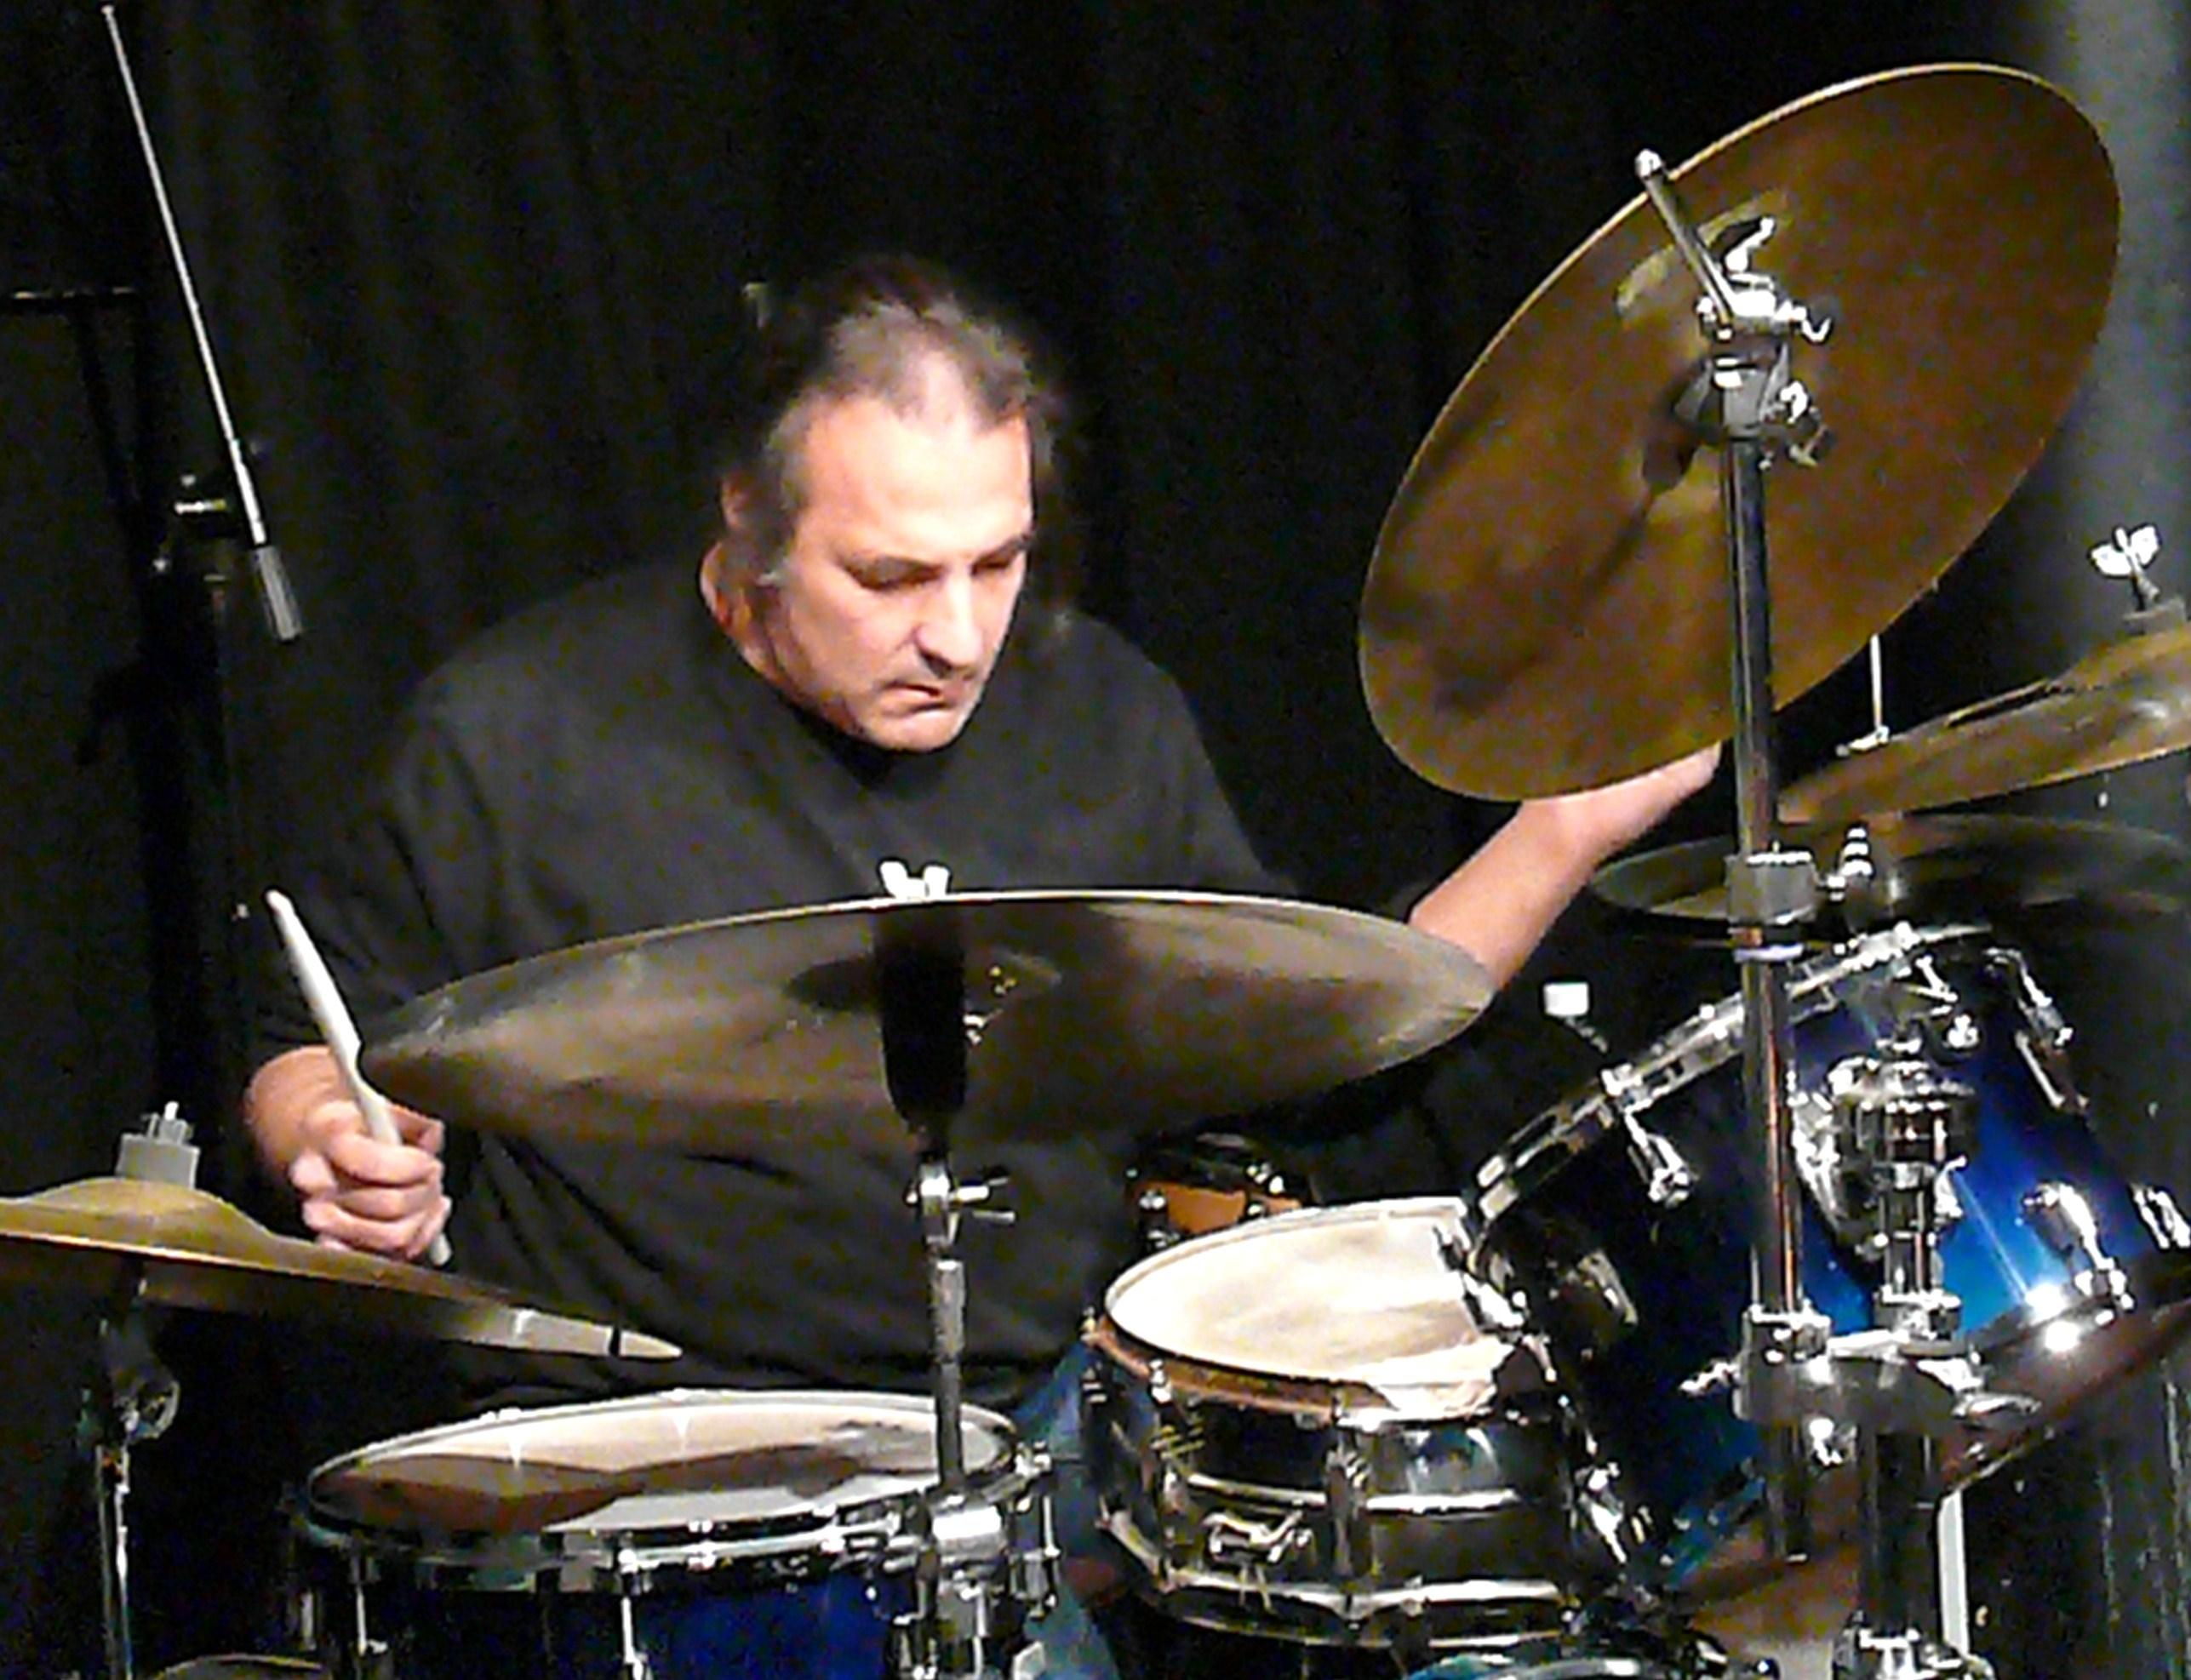 Tony Bianco at the Vortex, London 19 January 2010